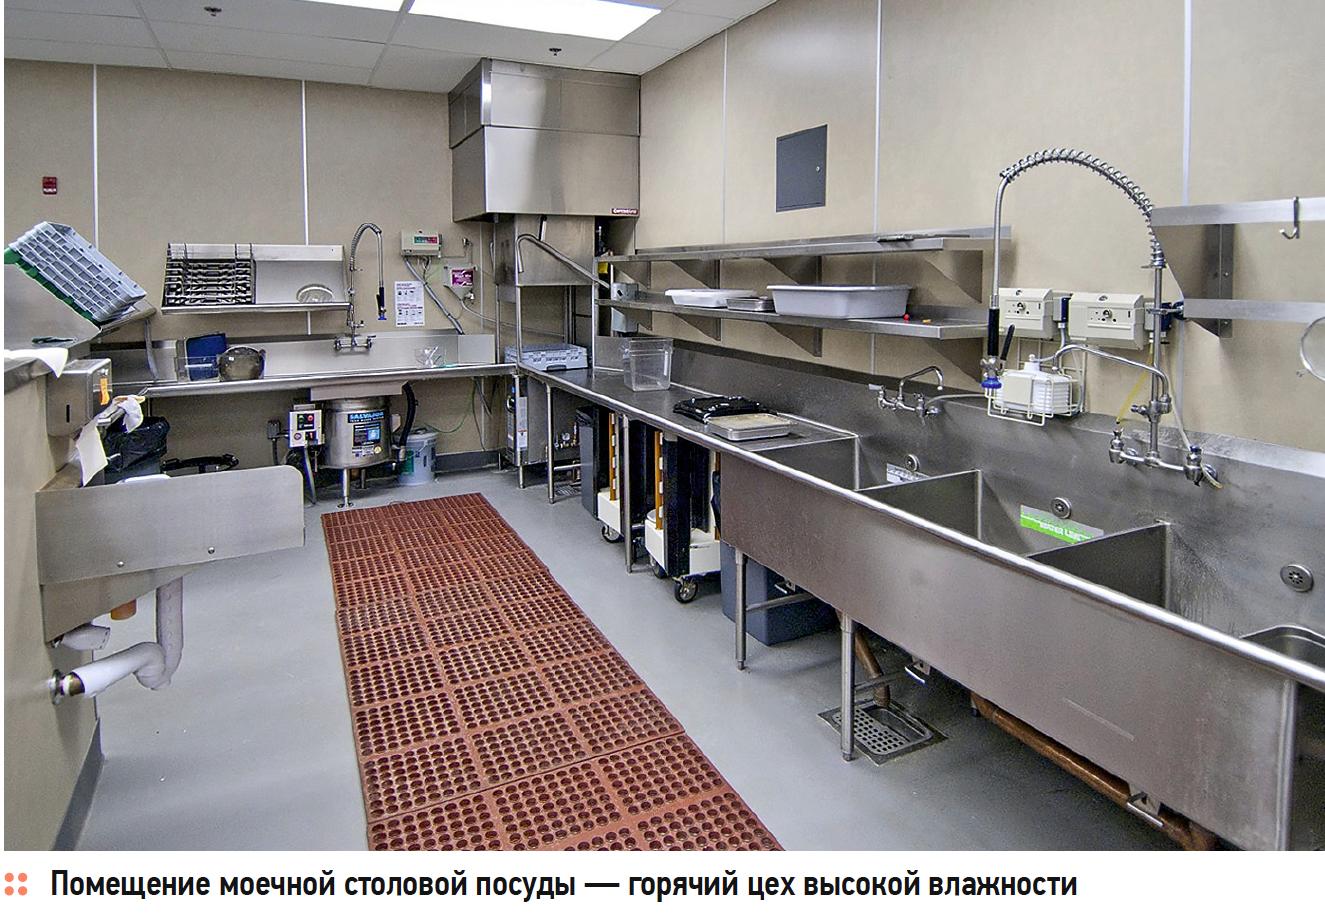 Повышение энергоэффективности систем отопления и вентиляции: сравнительный анализ проектной документации. 6/2019. Фото 18